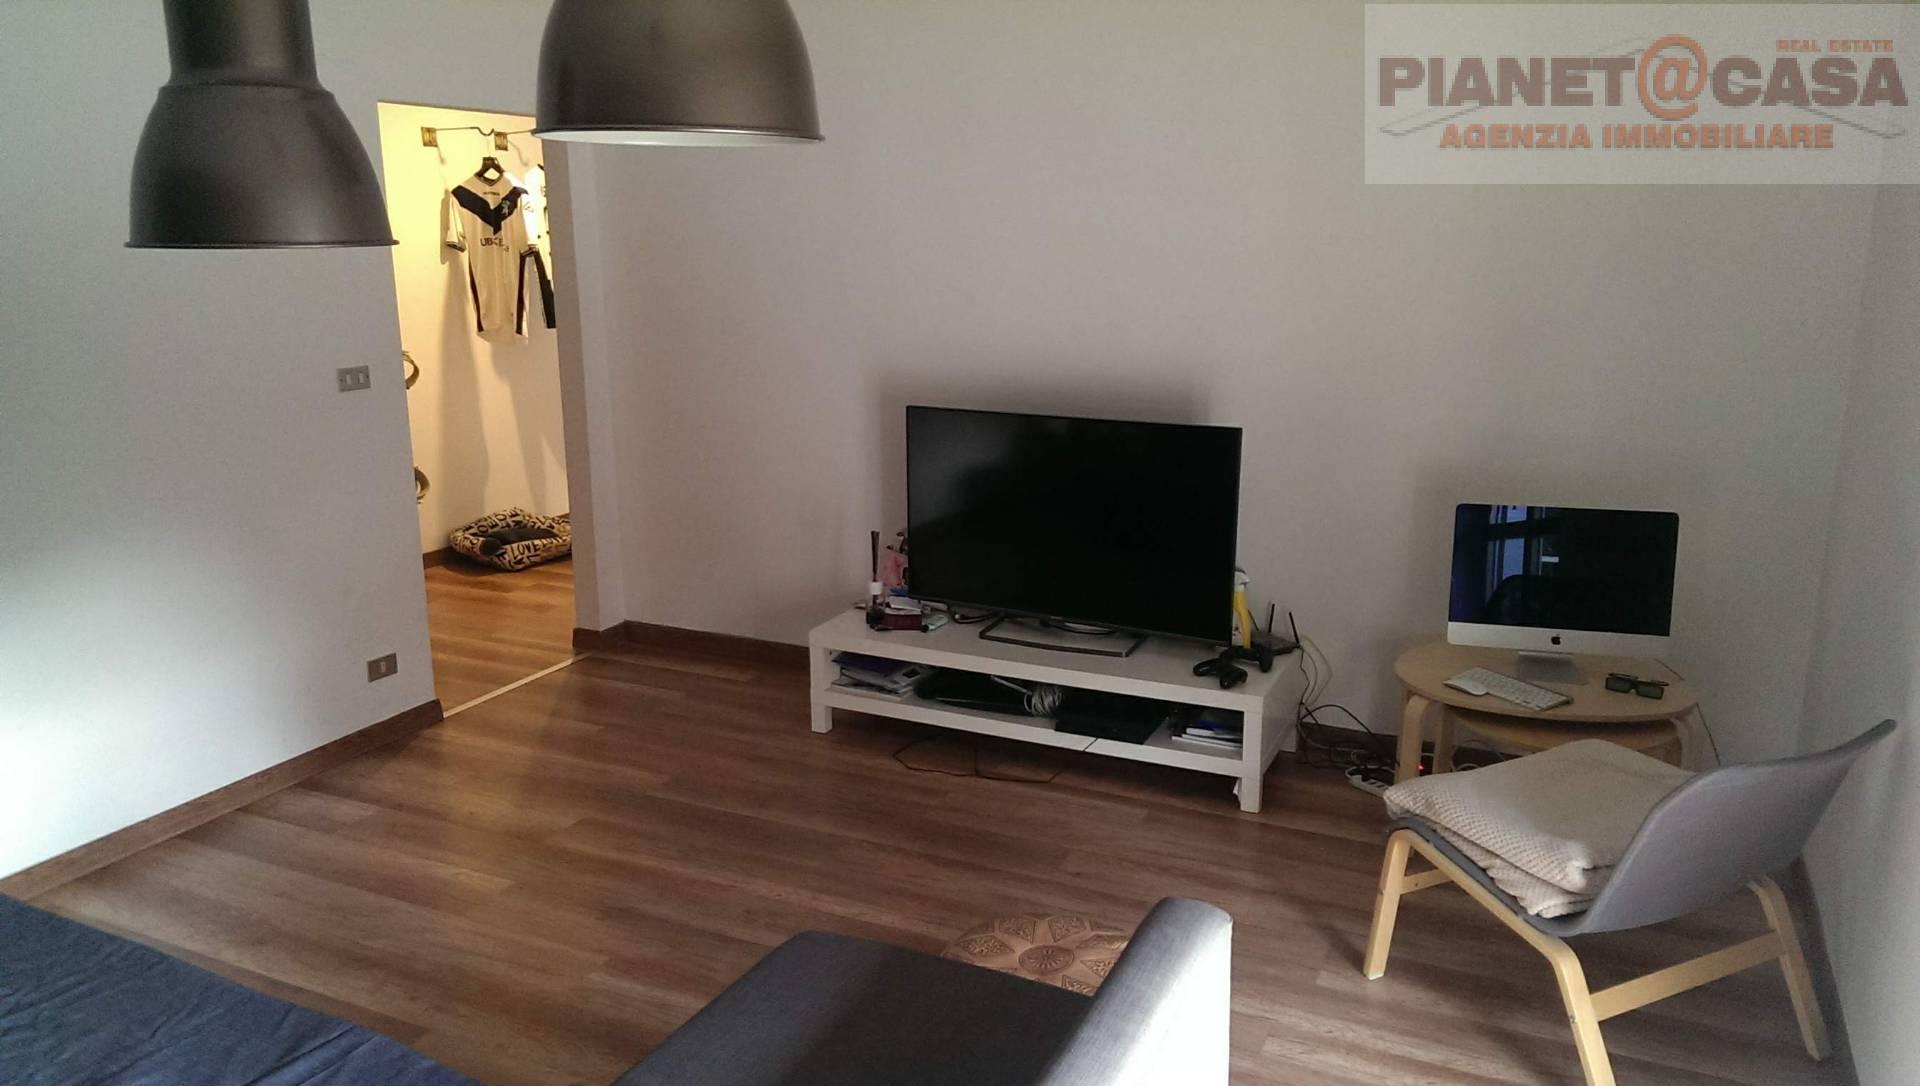 Appartamento in vendita a Castel di Lama, 5 locali, prezzo € 85.000 | CambioCasa.it